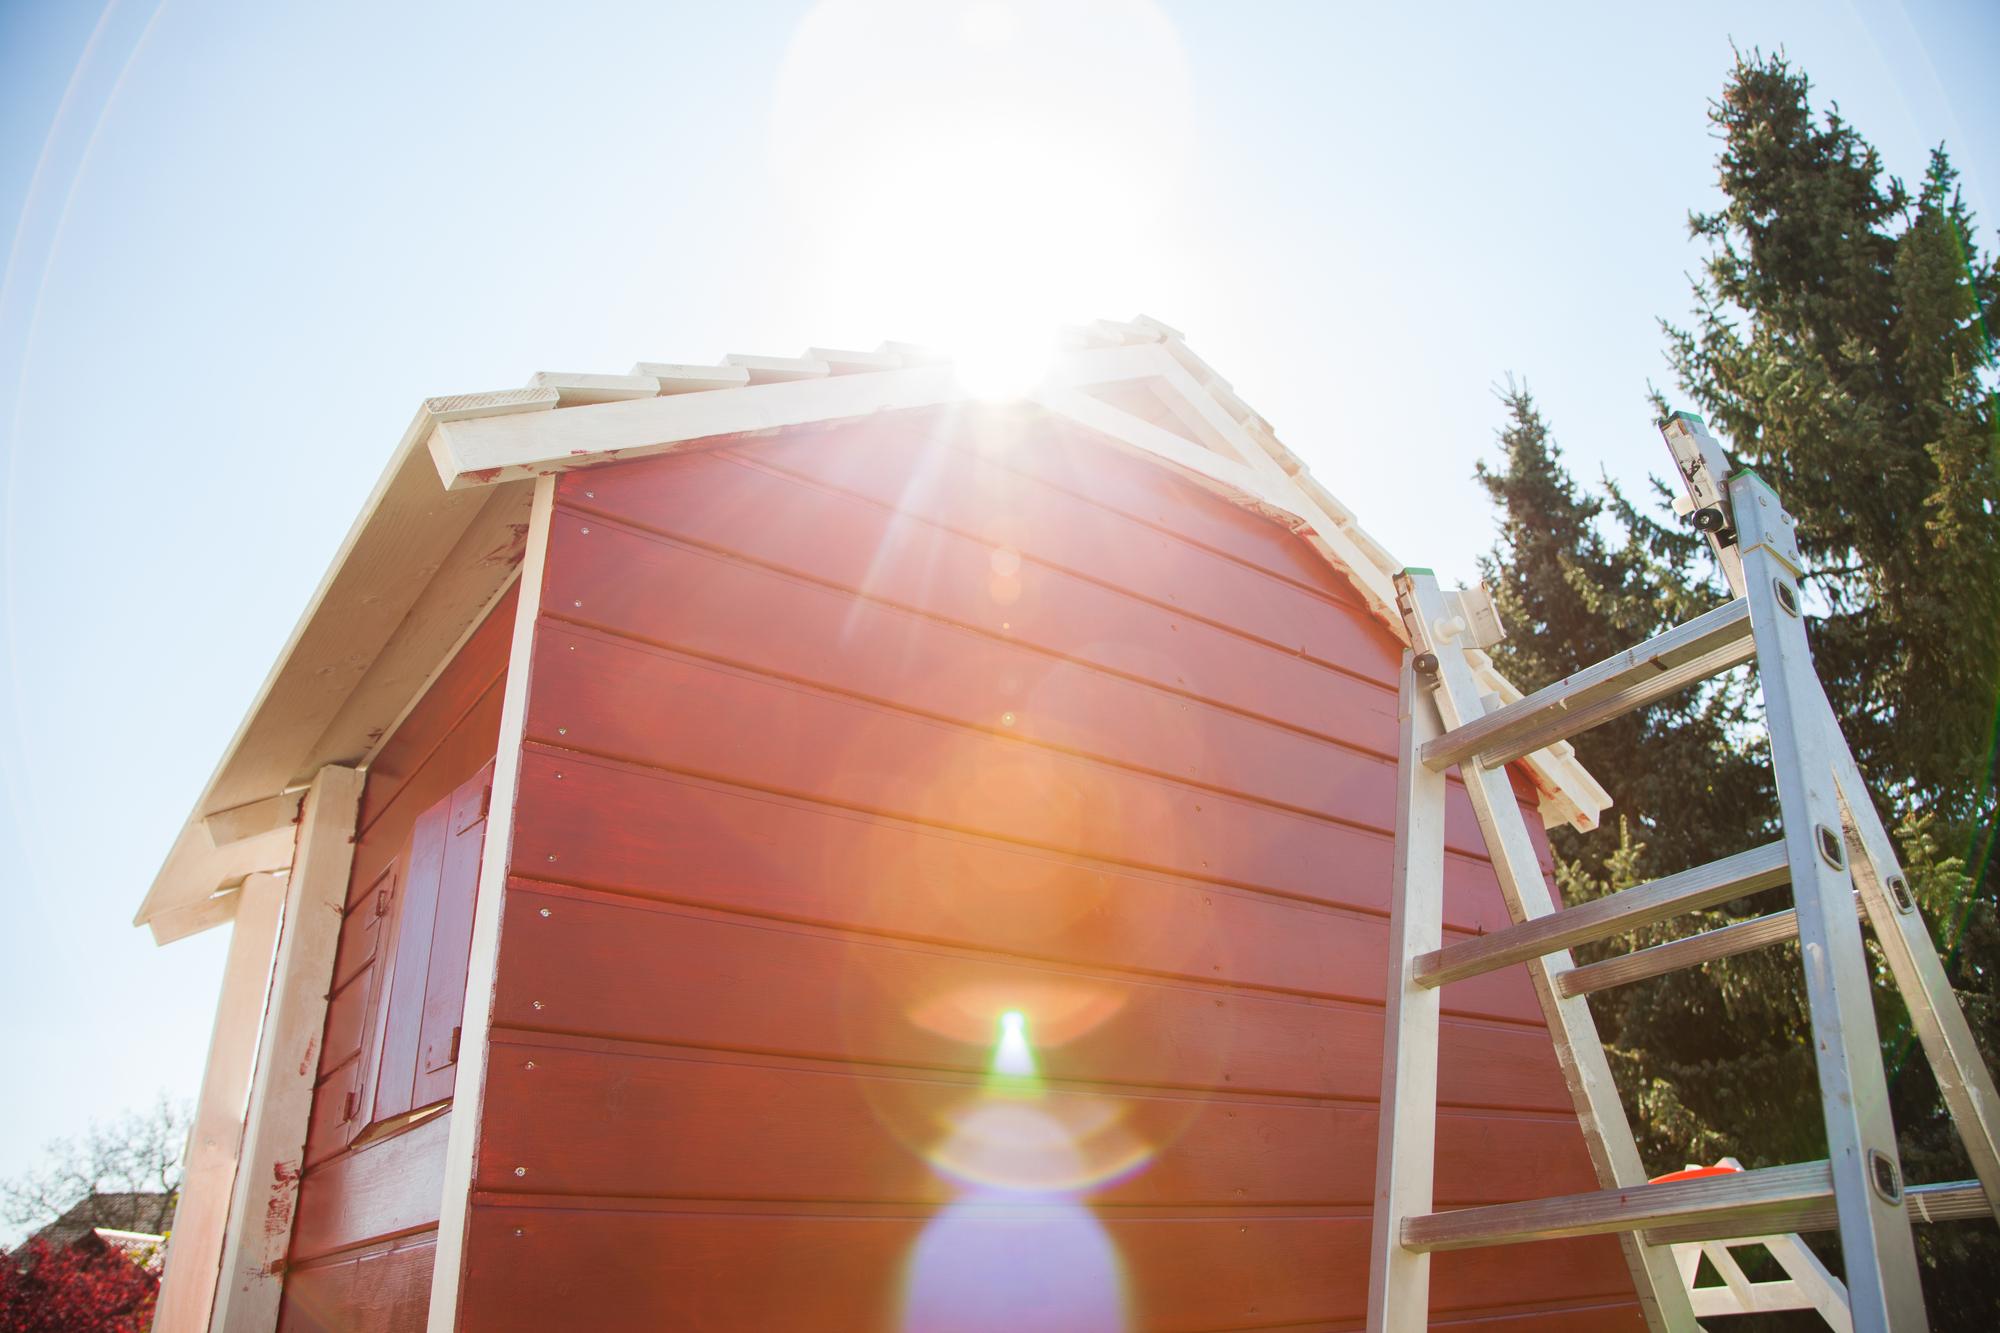 Træhus med træbeskyttelse